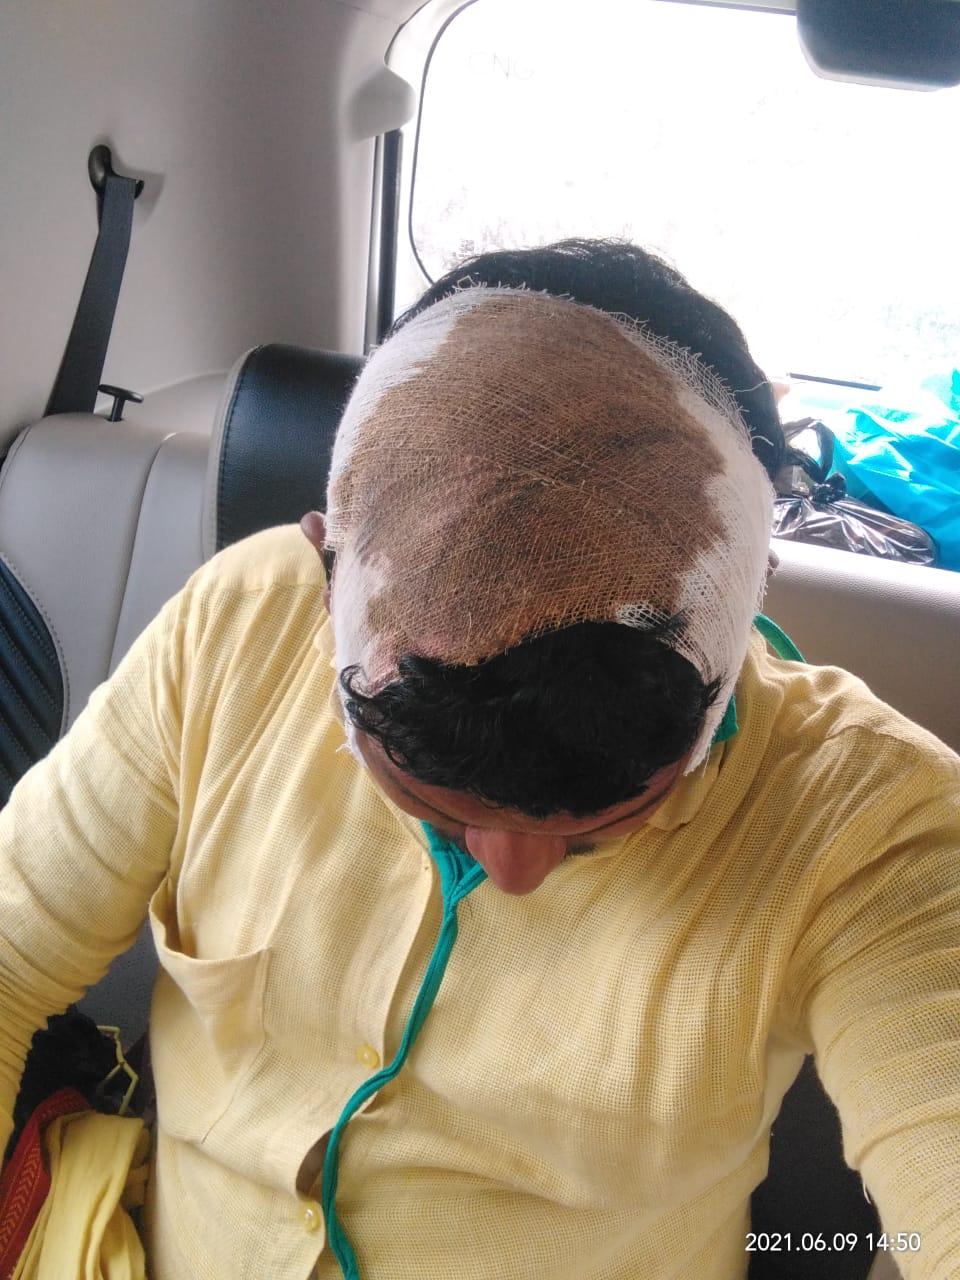 रंगदारी नहीं दी तो ईंट भट्ठे पर की फायरिंग; संचालक के भाई को मारा चाकू, तीन बदमाशों के खिलाफ केस दर्ज गोरखपुर,Gorakhpur - Dainik Bhaskar